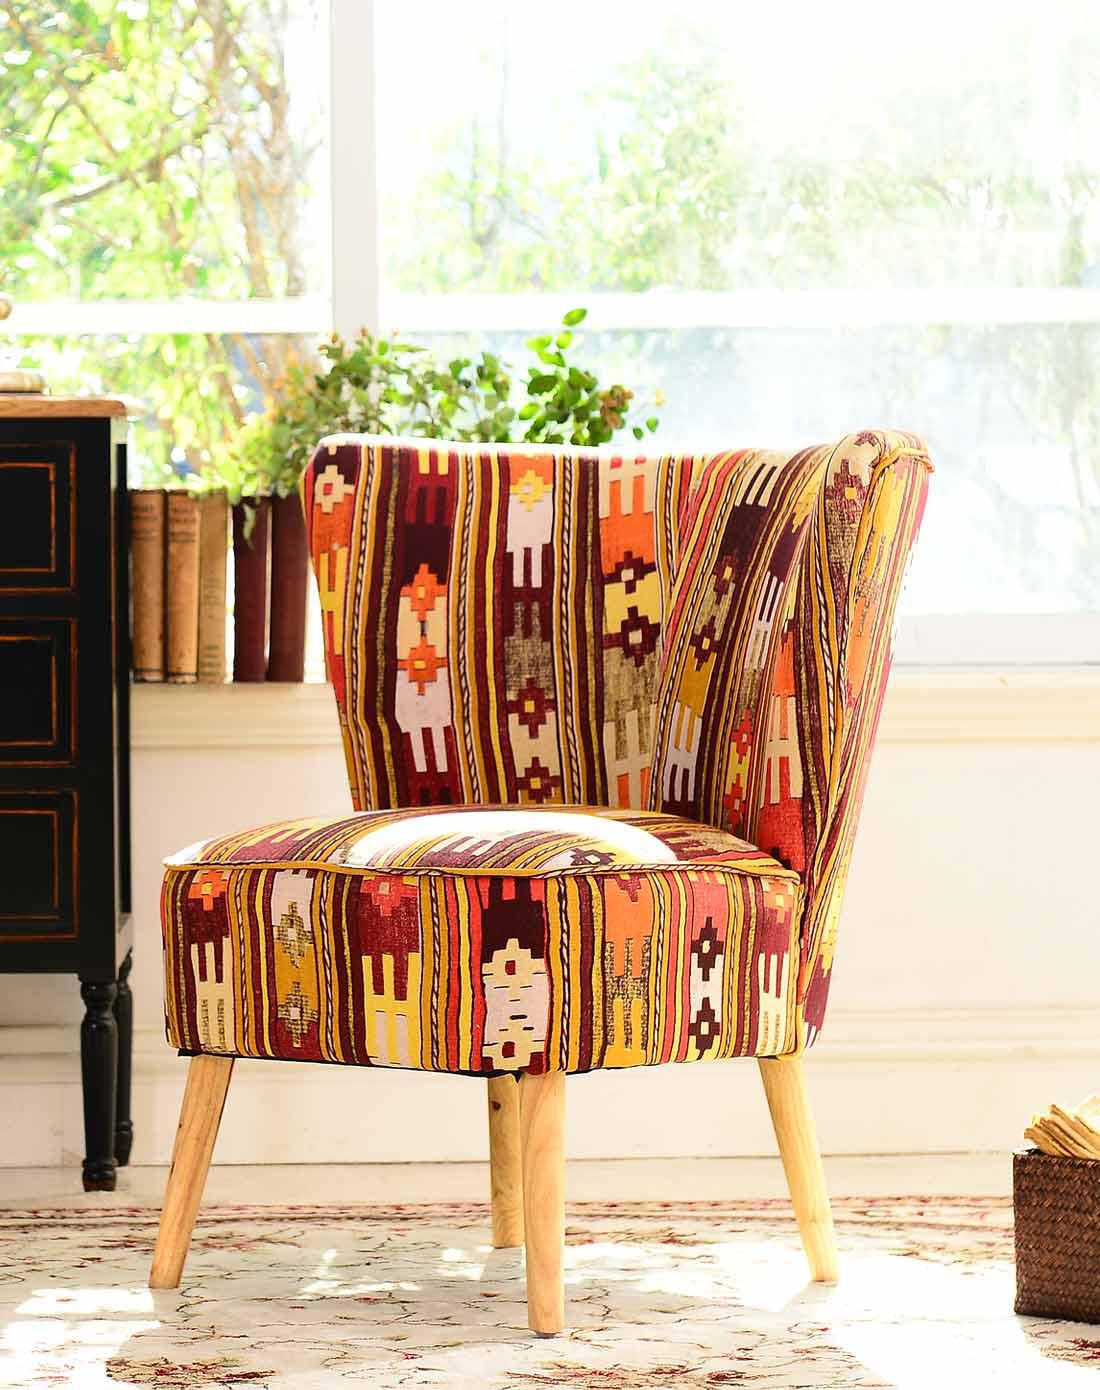 美式实木家具 卡西尔布艺单人沙发单椅 a款图片